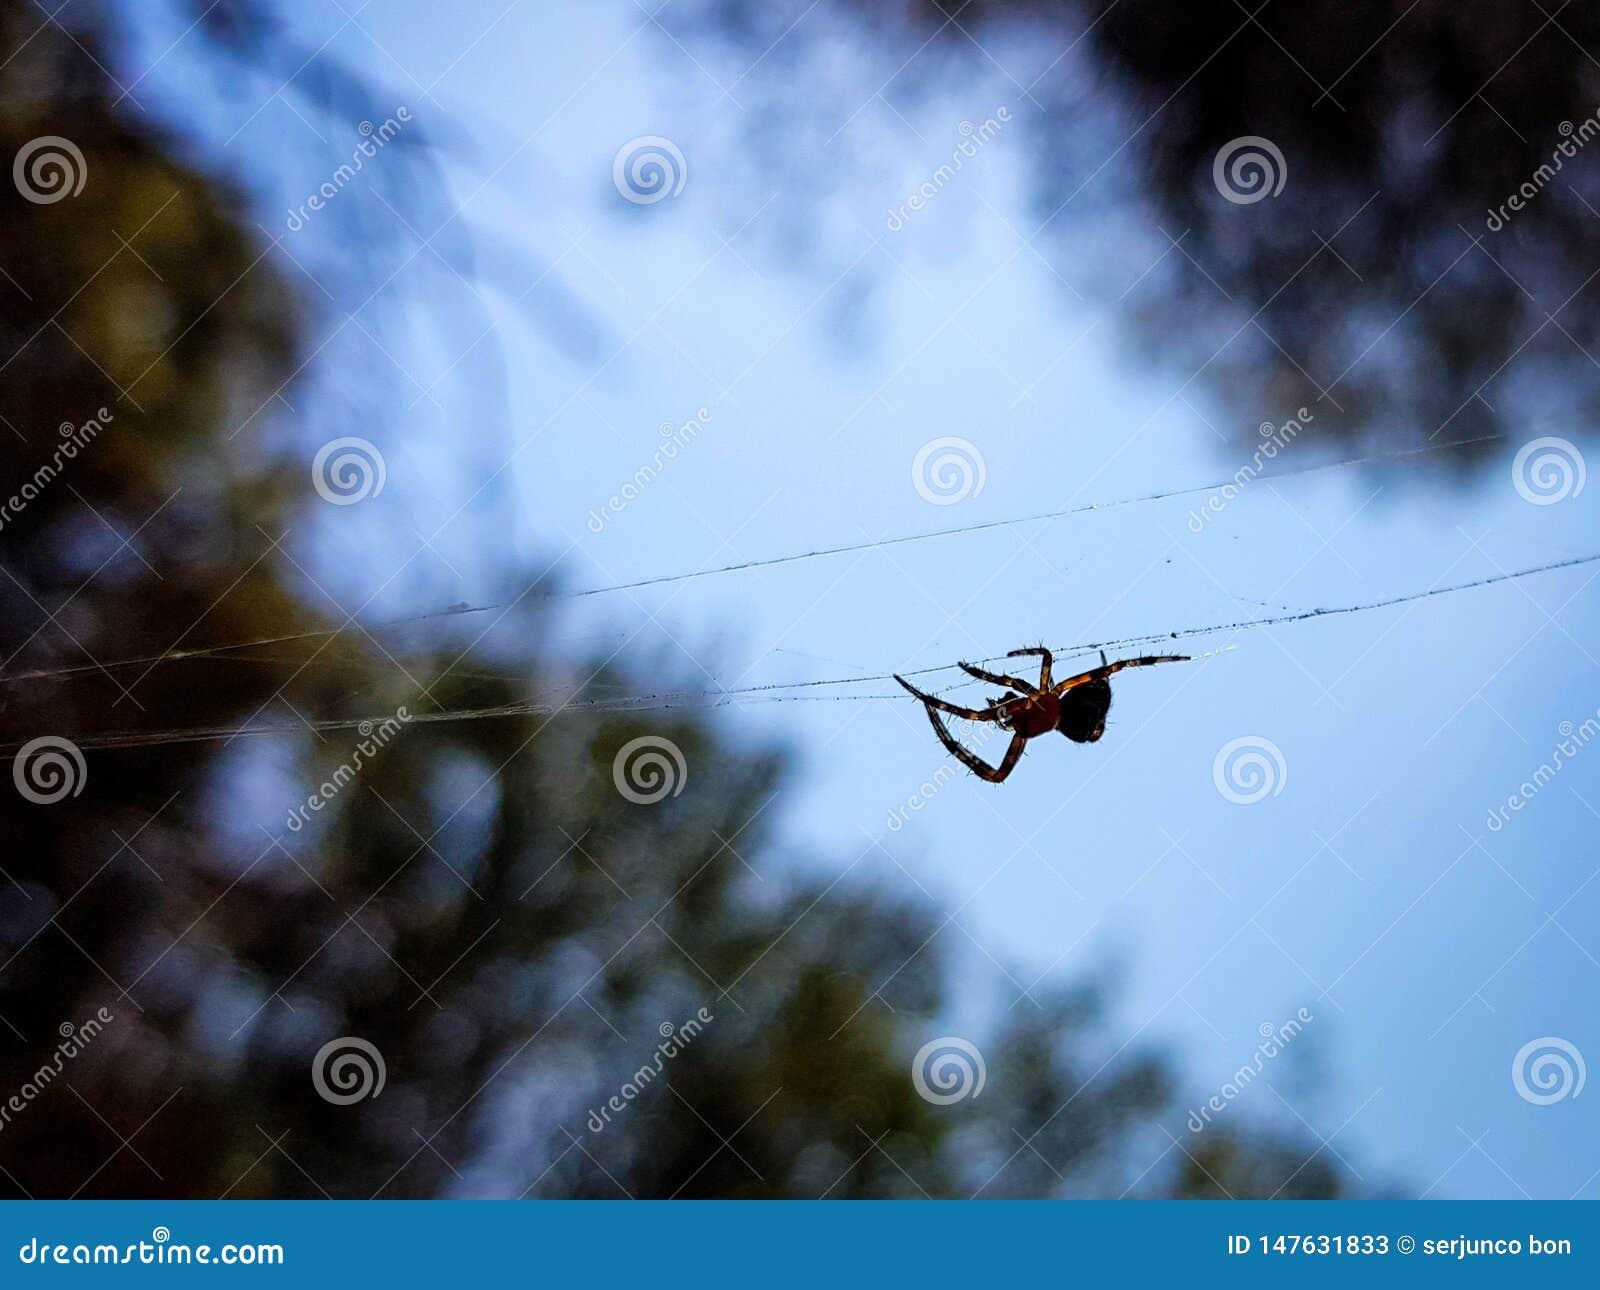 Красивое изображение в котором вы можете увидеть, что паук шел через центр изображения в горизонтальном потоке который держит его